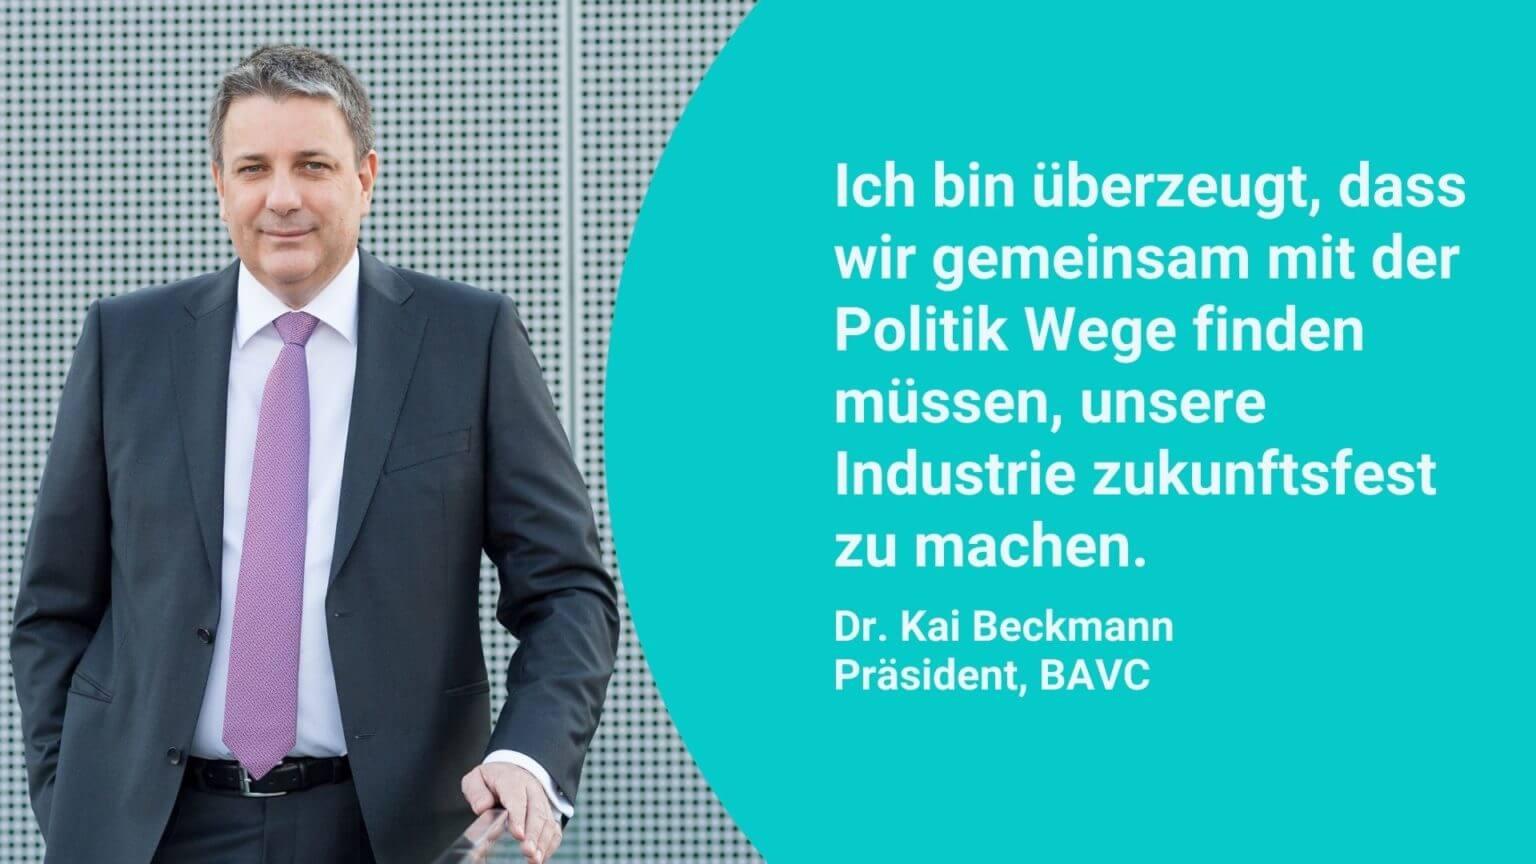 Beckmann_Kai_BAVC-1536x864